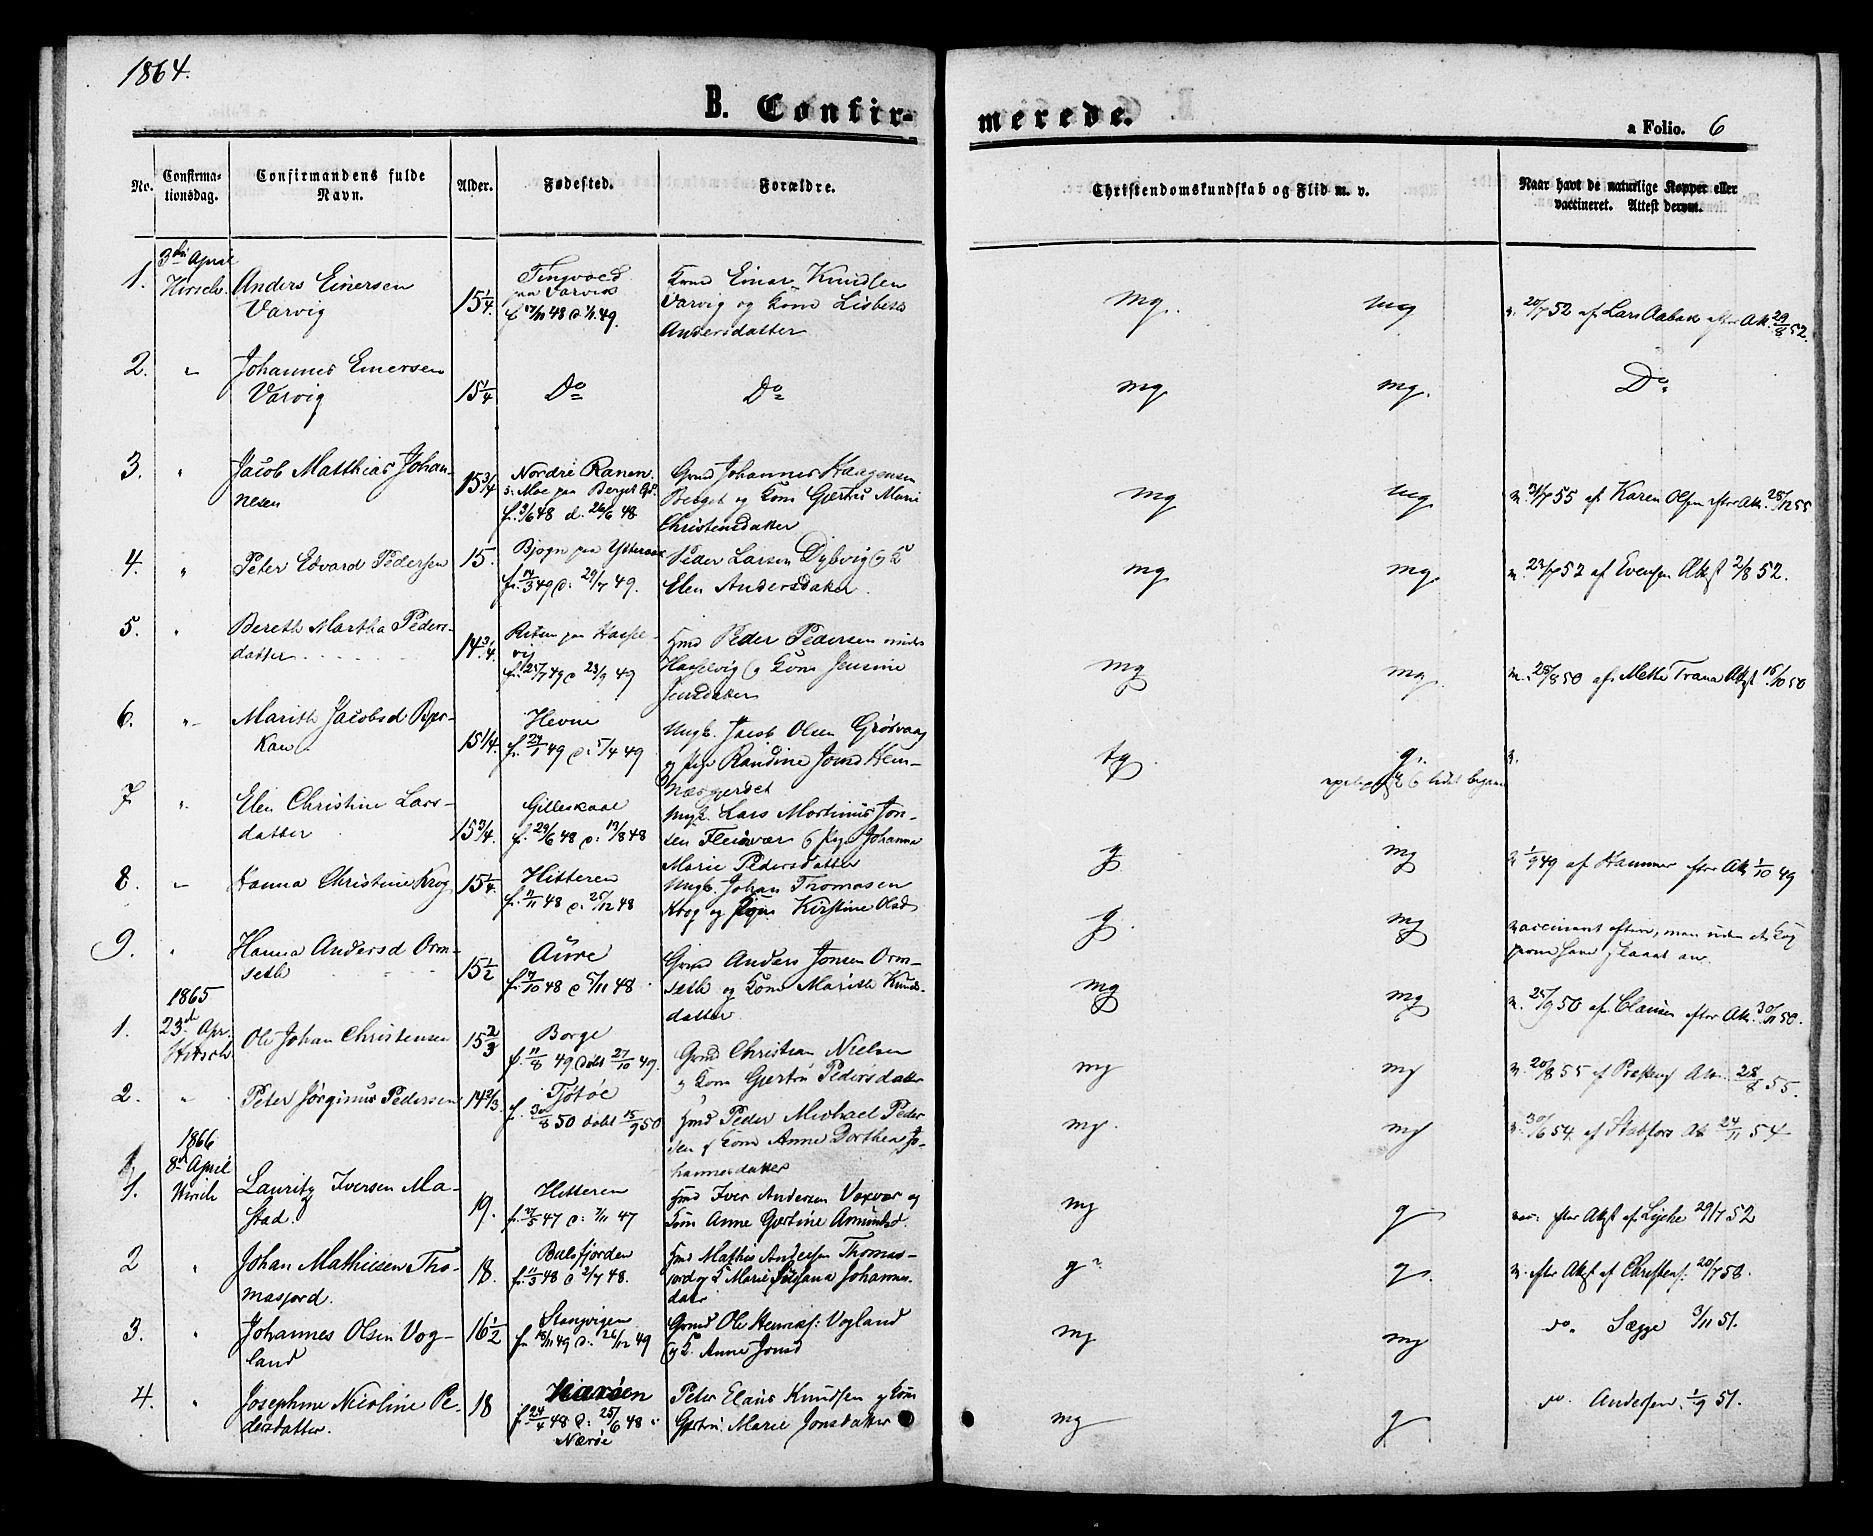 SAT, Ministerialprotokoller, klokkerbøker og fødselsregistre - Sør-Trøndelag, 629/L0485: Ministerialbok nr. 629A01, 1862-1869, s. 6